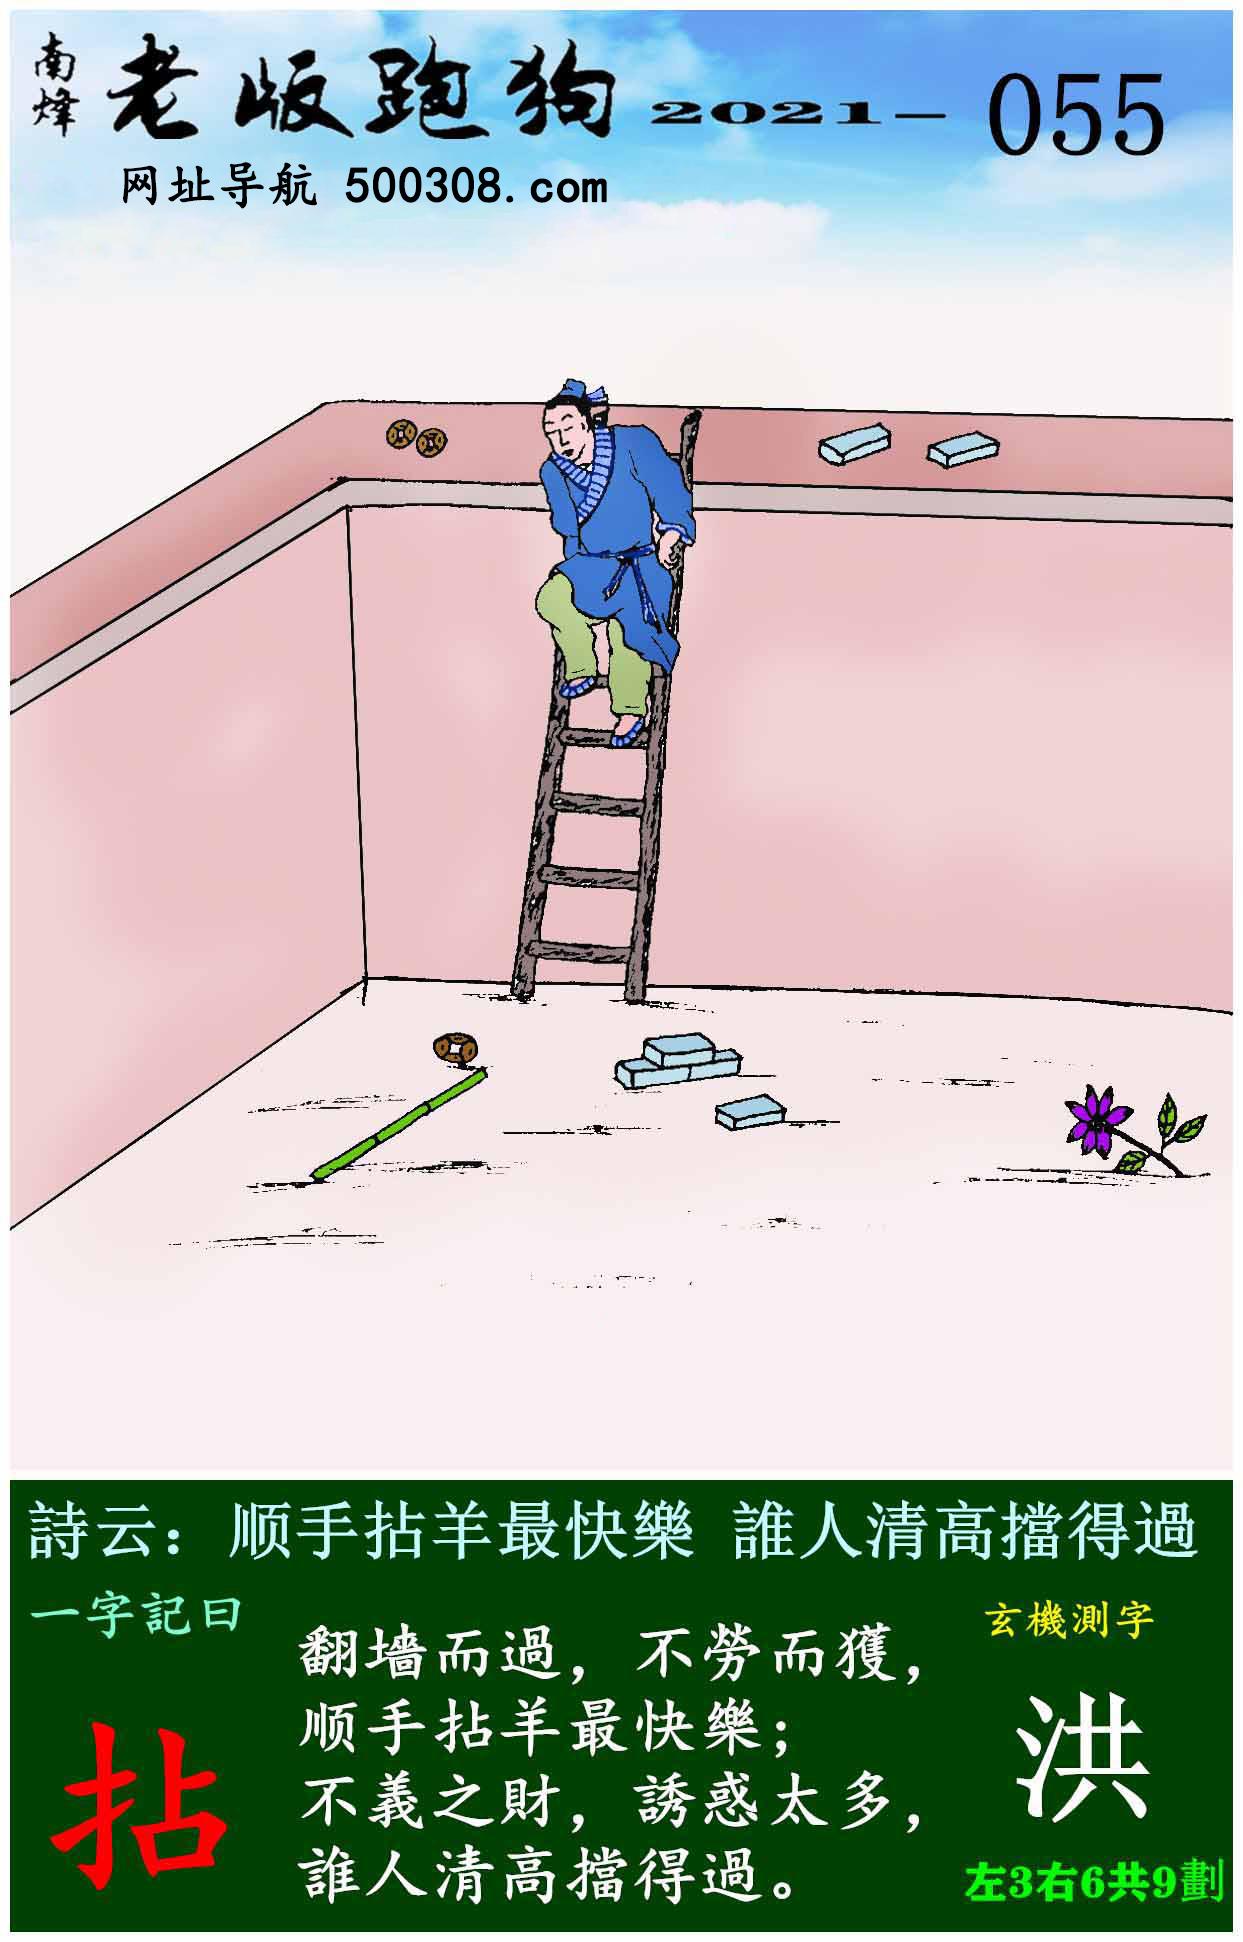 055期老版跑狗一字�之曰:【拈】 ��:顺手拈羊最快�罚��l人清高�醯眠^。